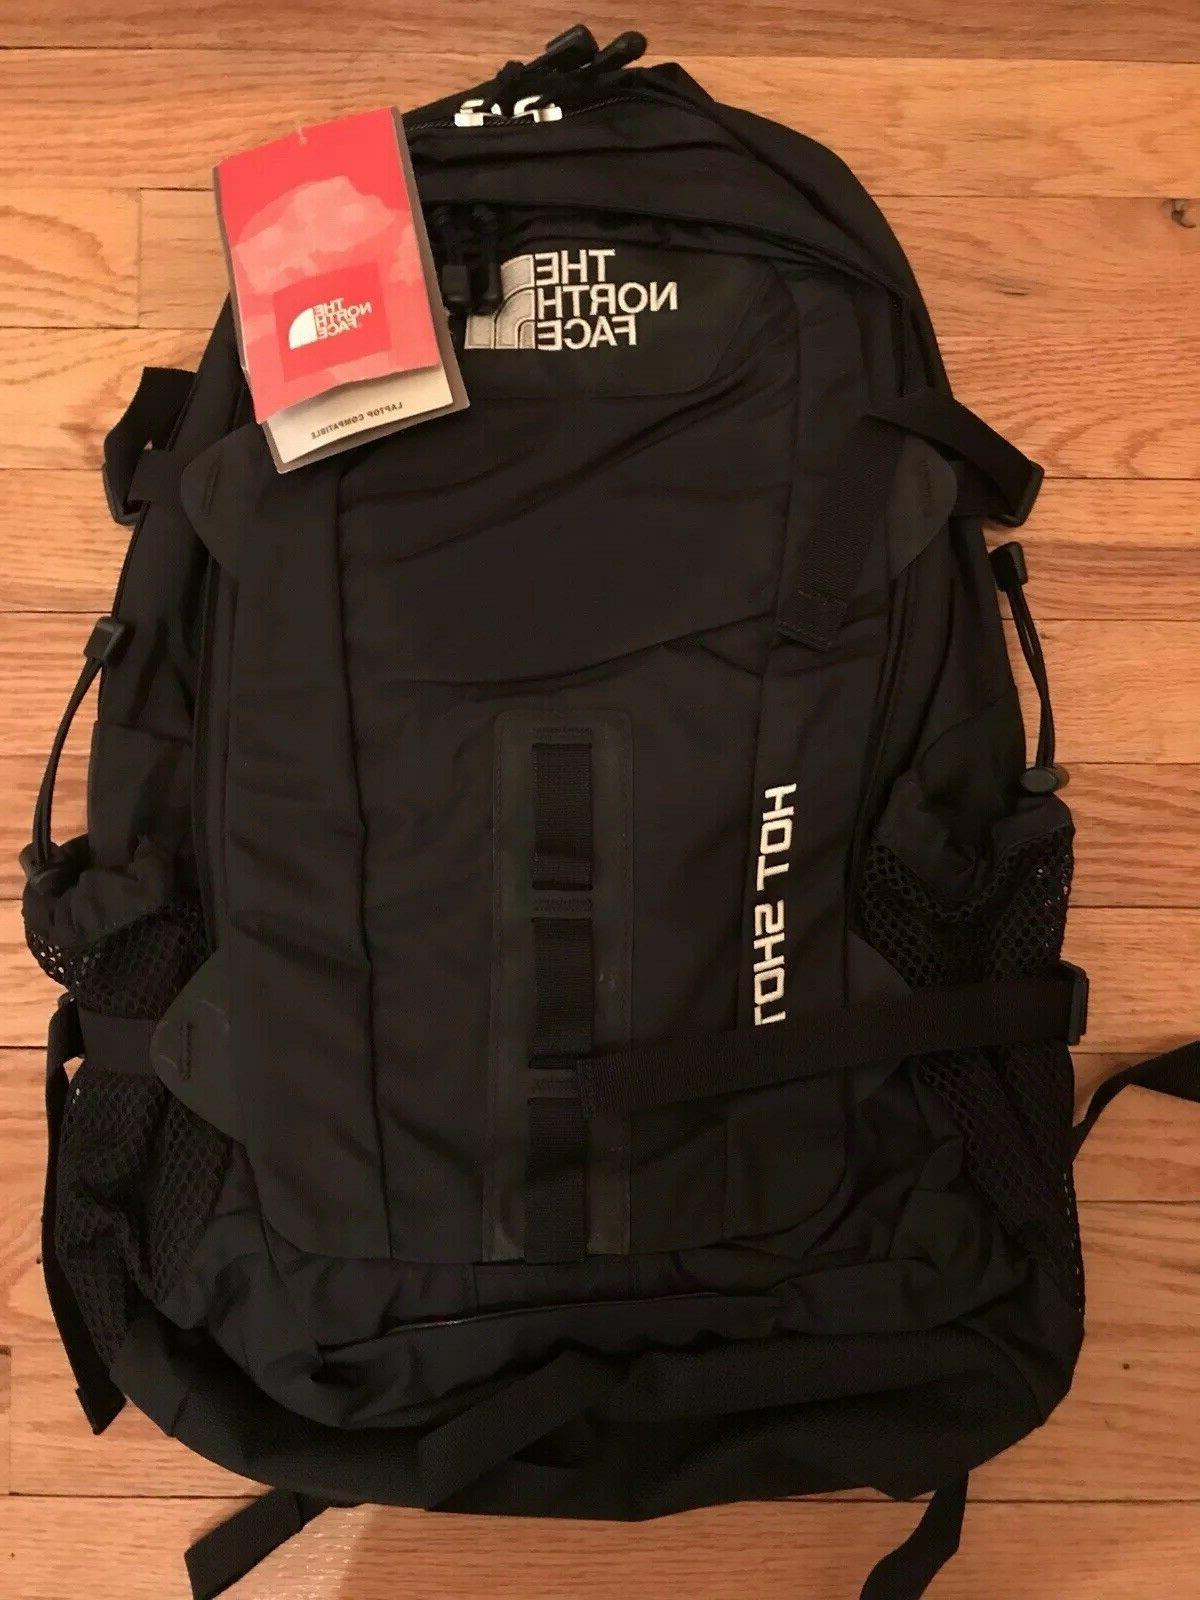 hot shot backpack laptop compatible book bag